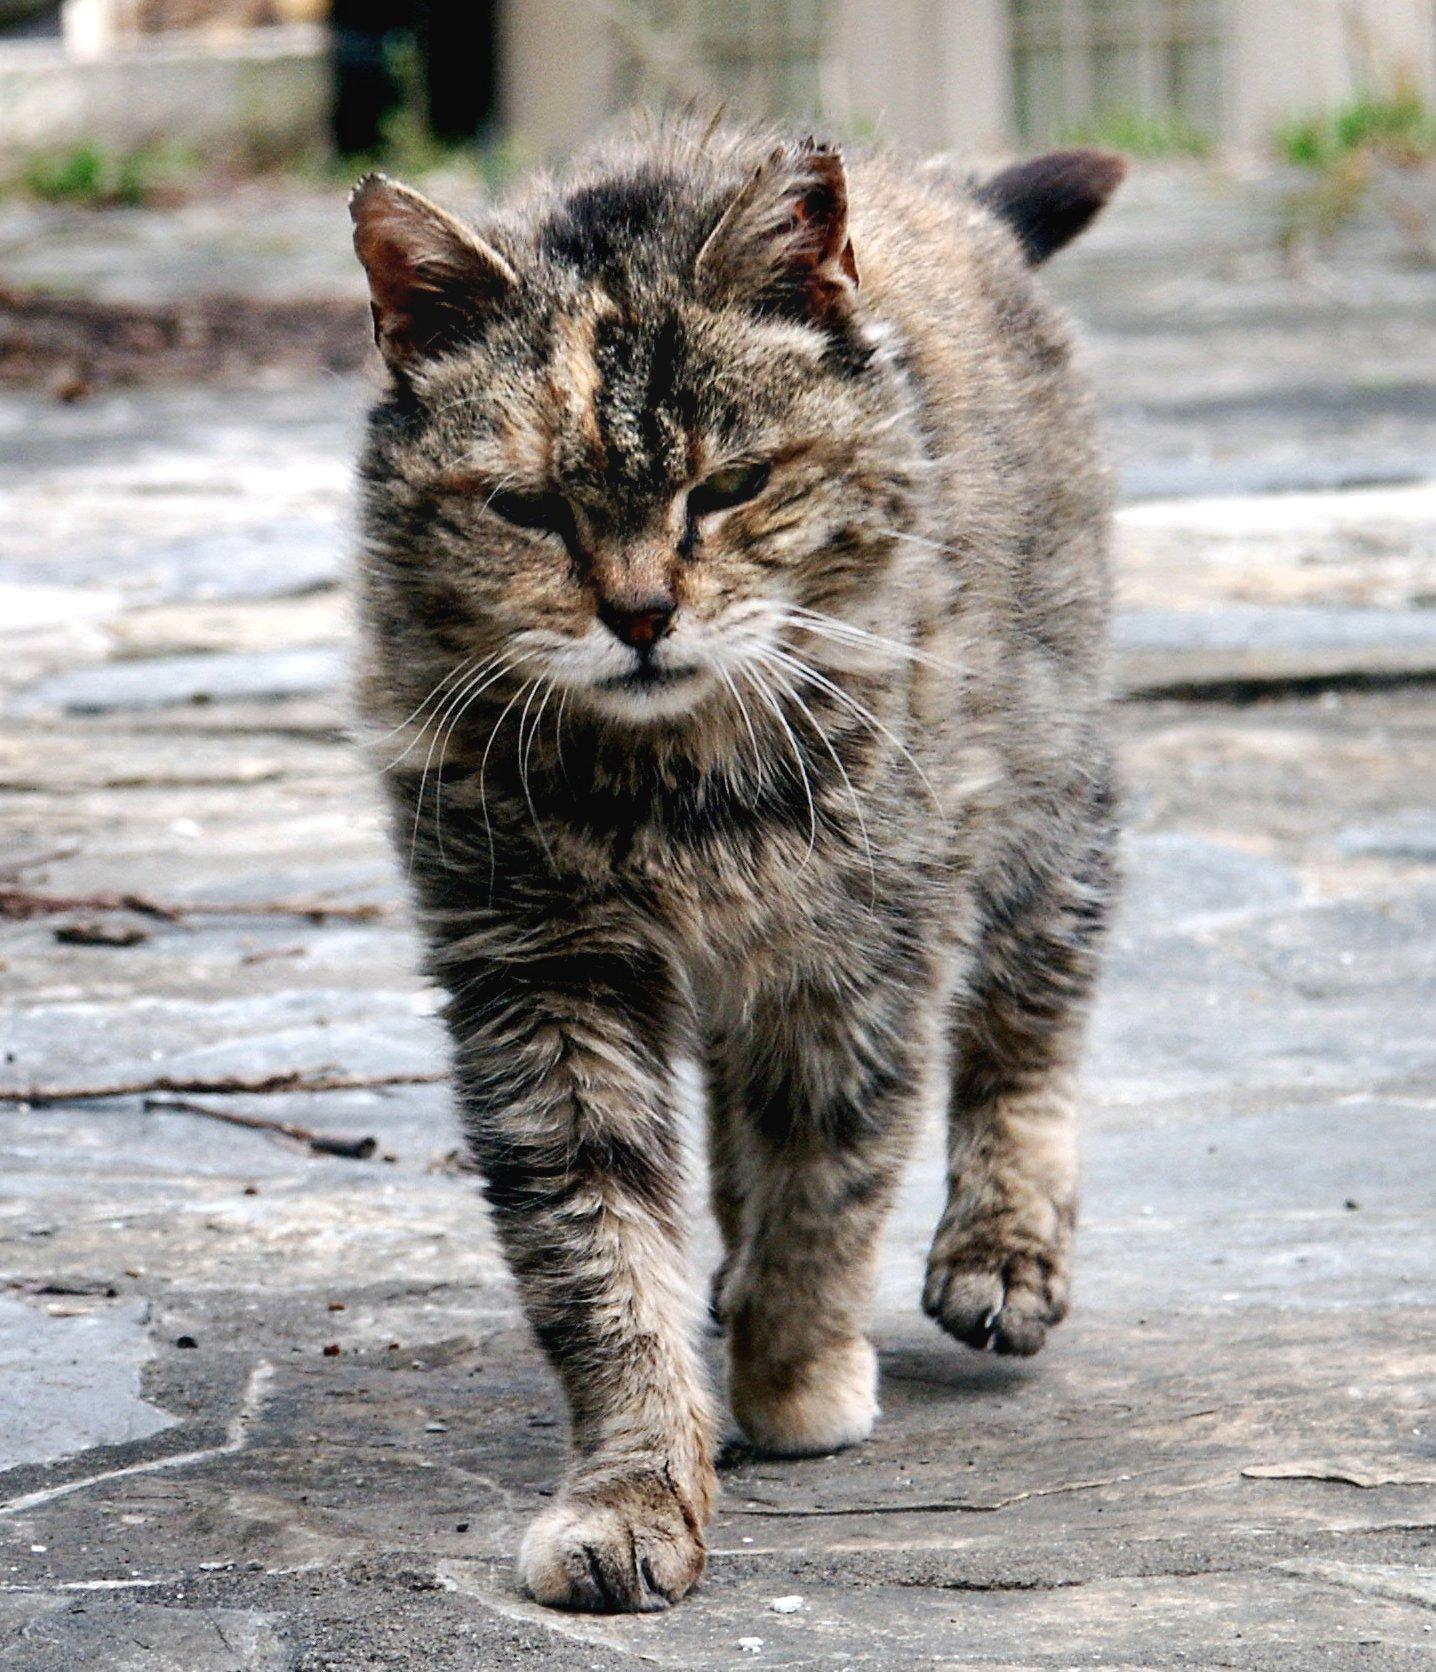 Kot wychodzacy.jpg